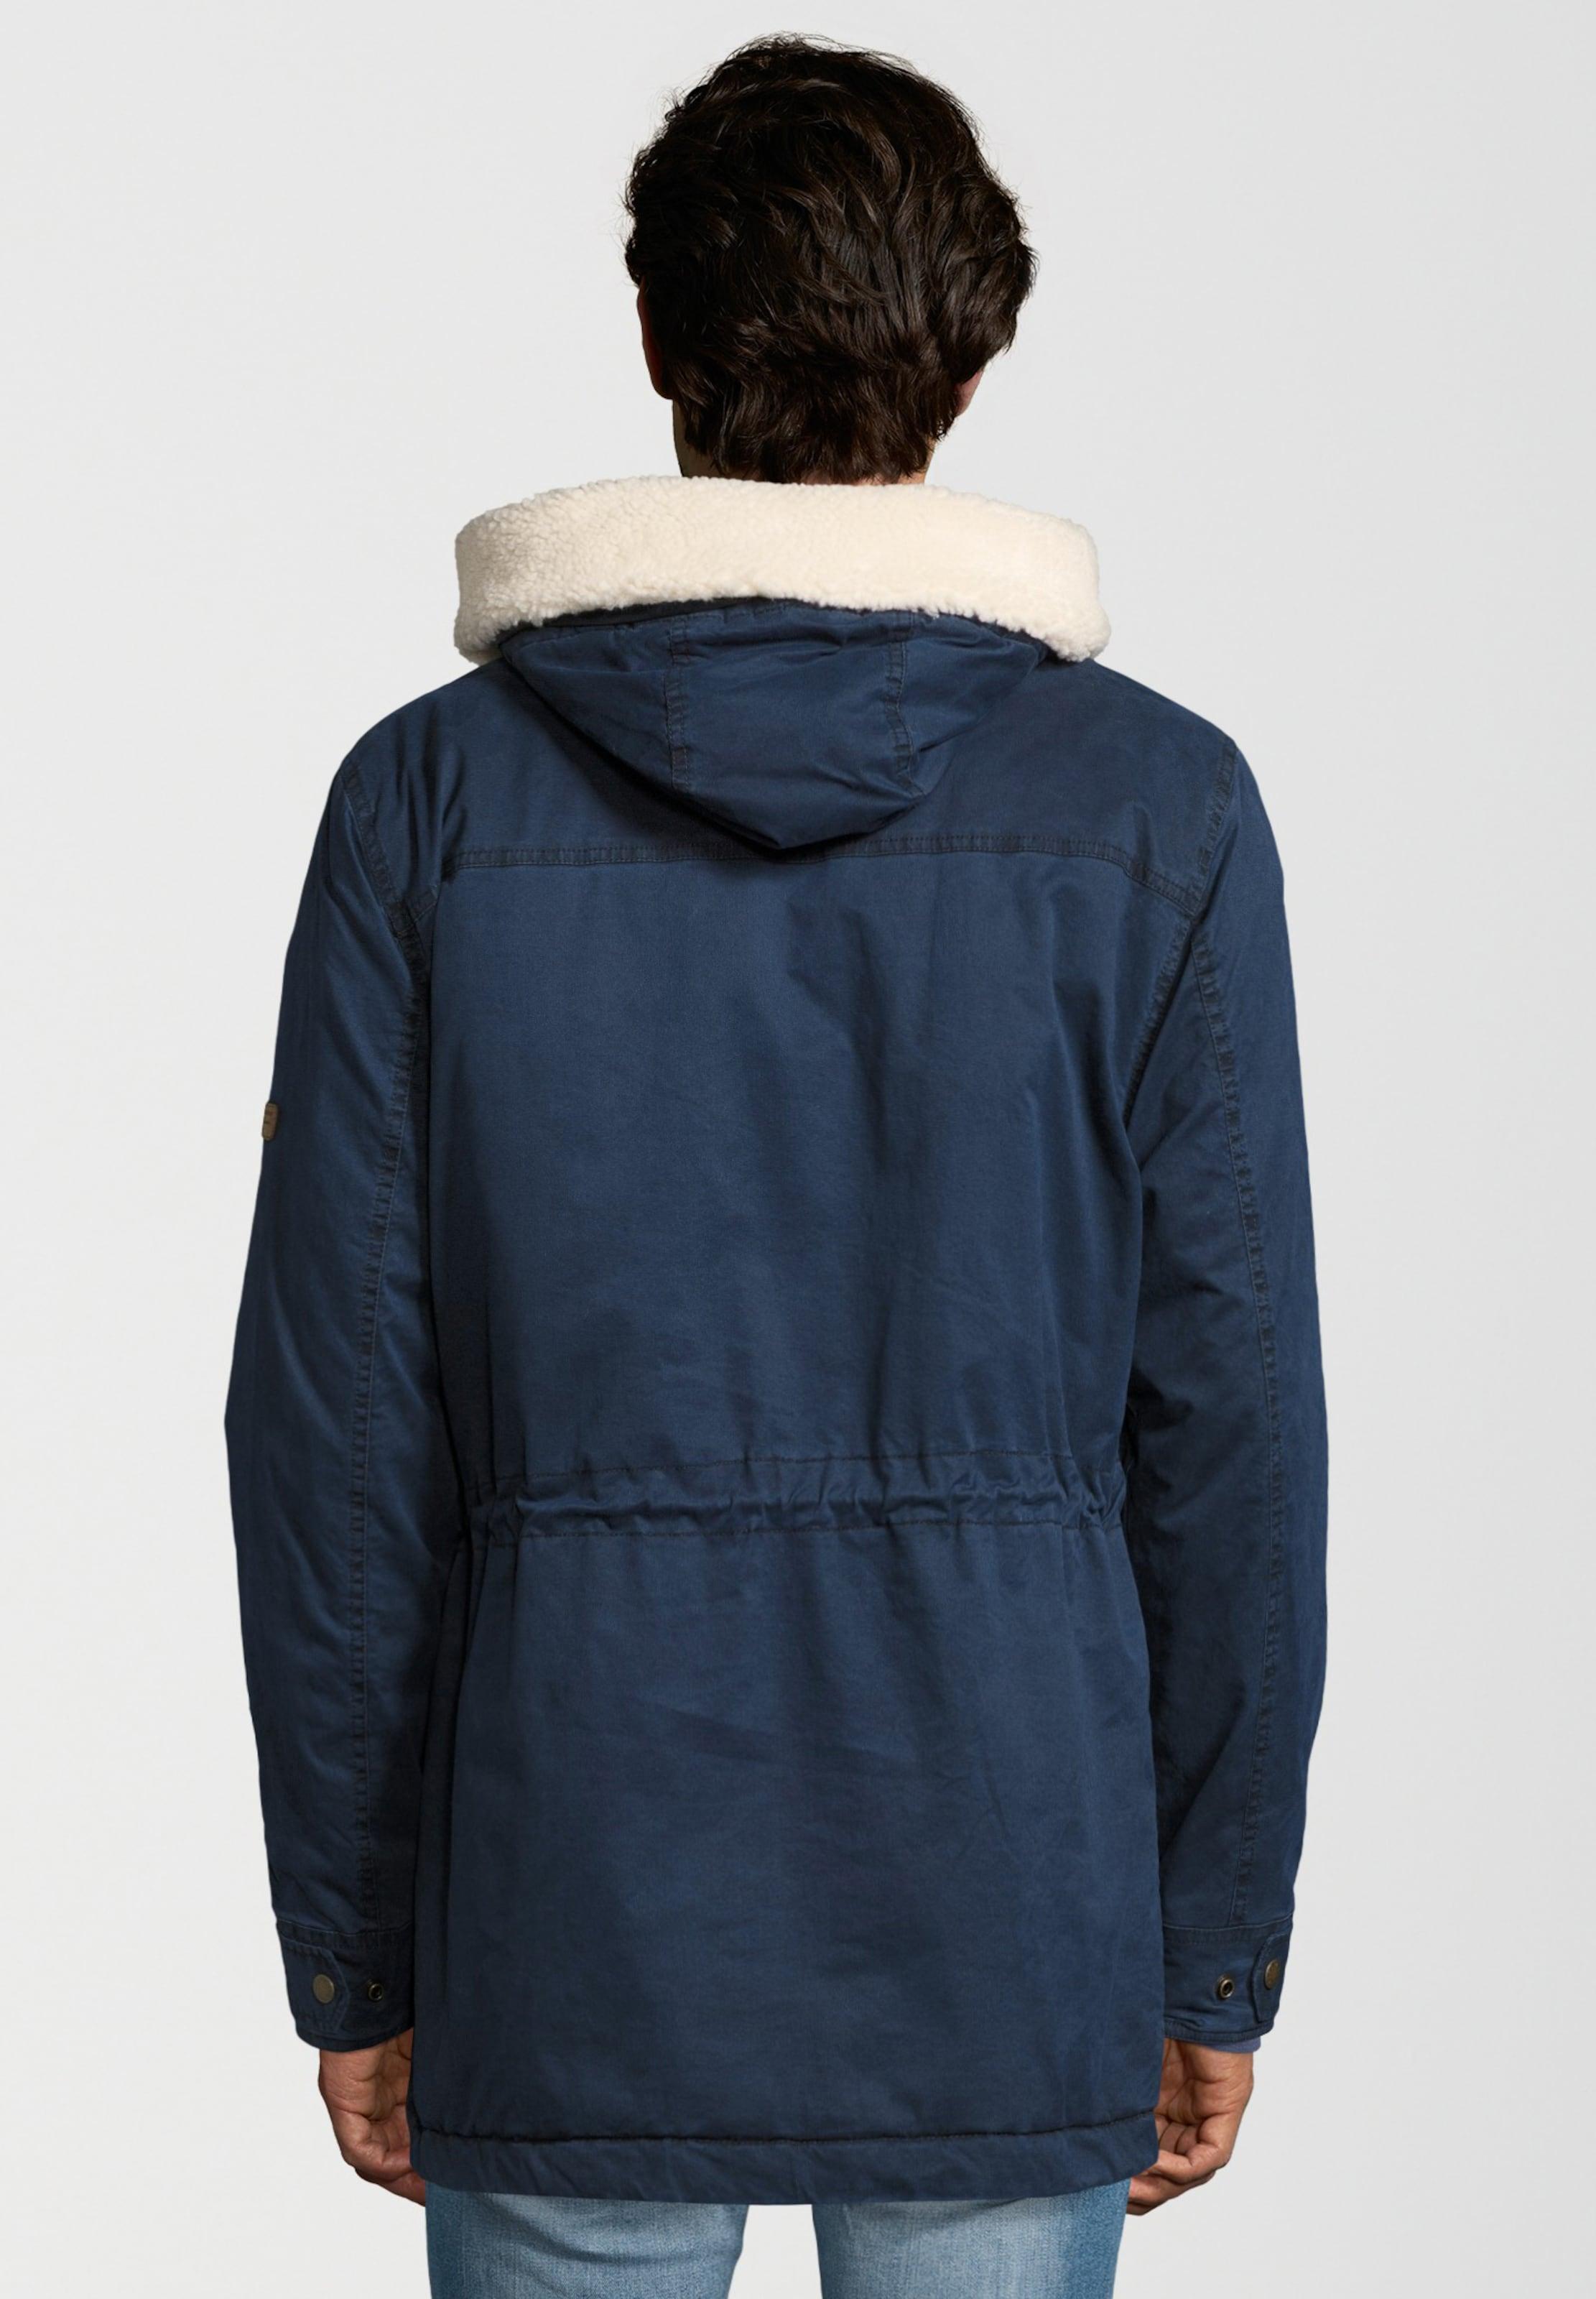 Pepe Jeans Winterparka 'MITSIO' Günstig Kaufen Outlet-Store Wiki Verkauf Online LVI5l